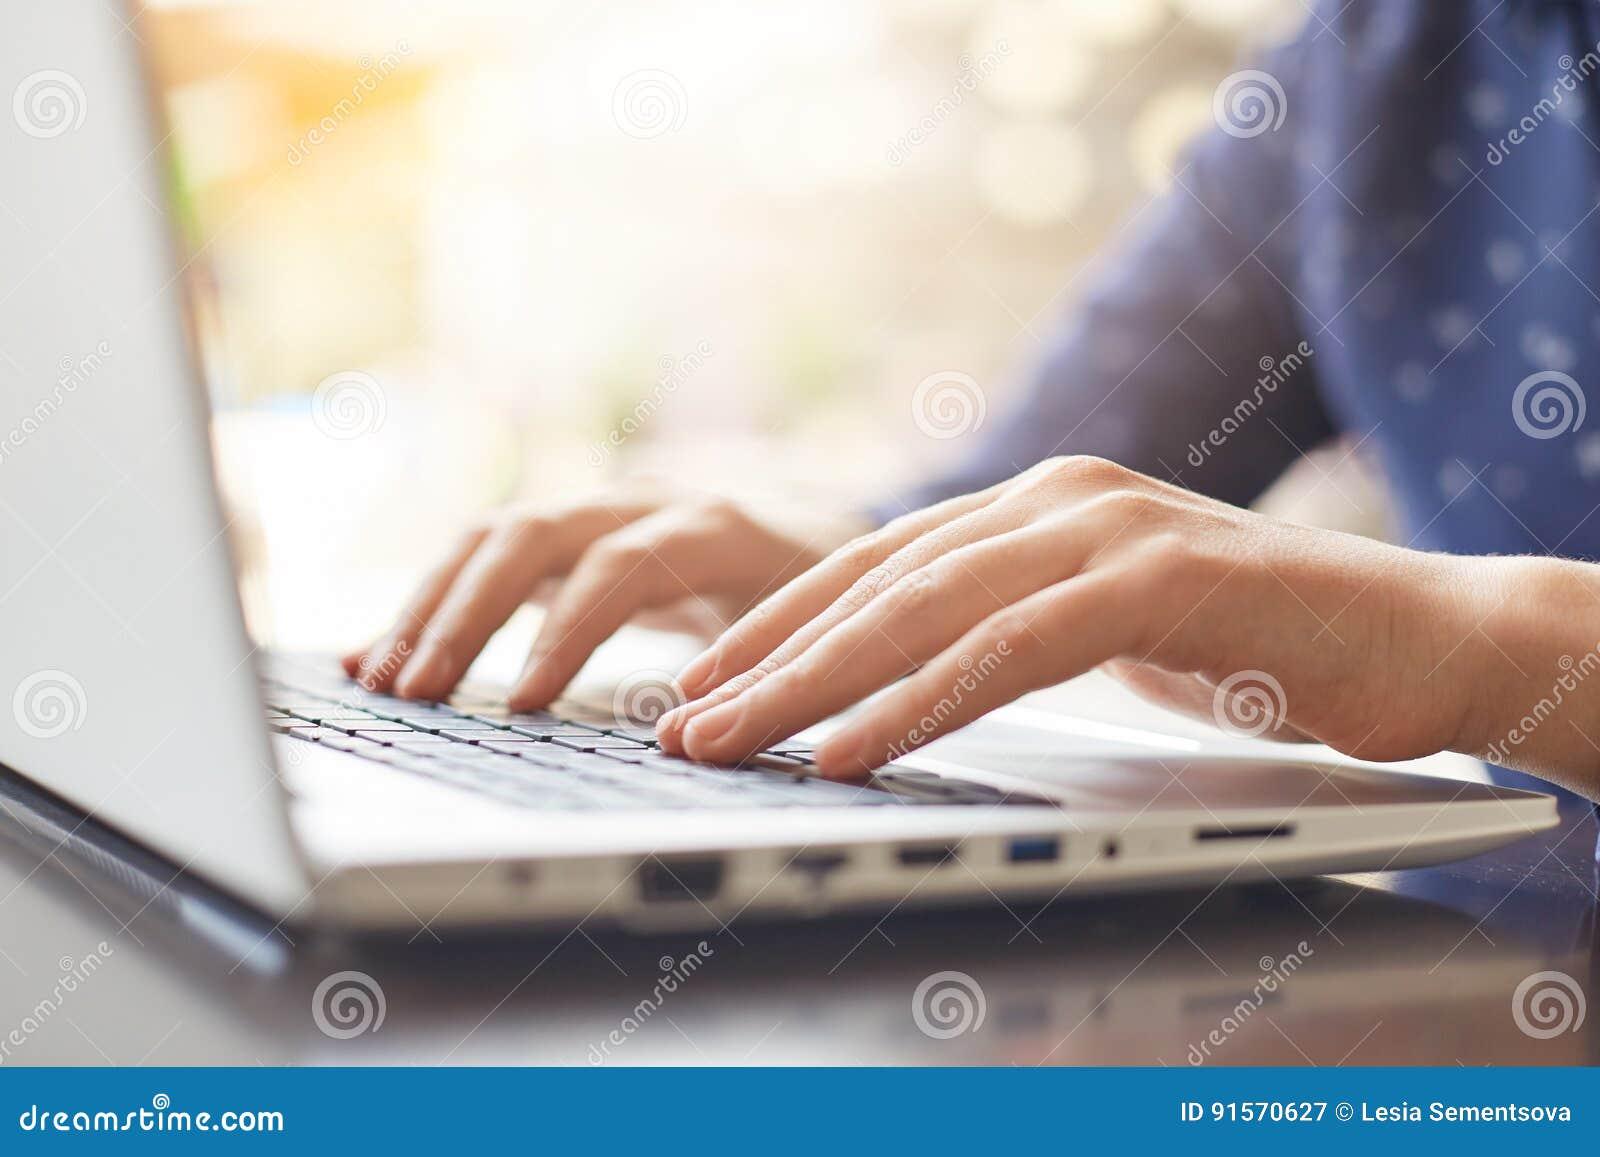 Ένας πυροβολισμός των χεριών γυναικών ` s που δακτυλογραφούν στο πληκτρολόγιο κουβεντιάζοντας με τους φίλους που χρησιμοποιούν τη